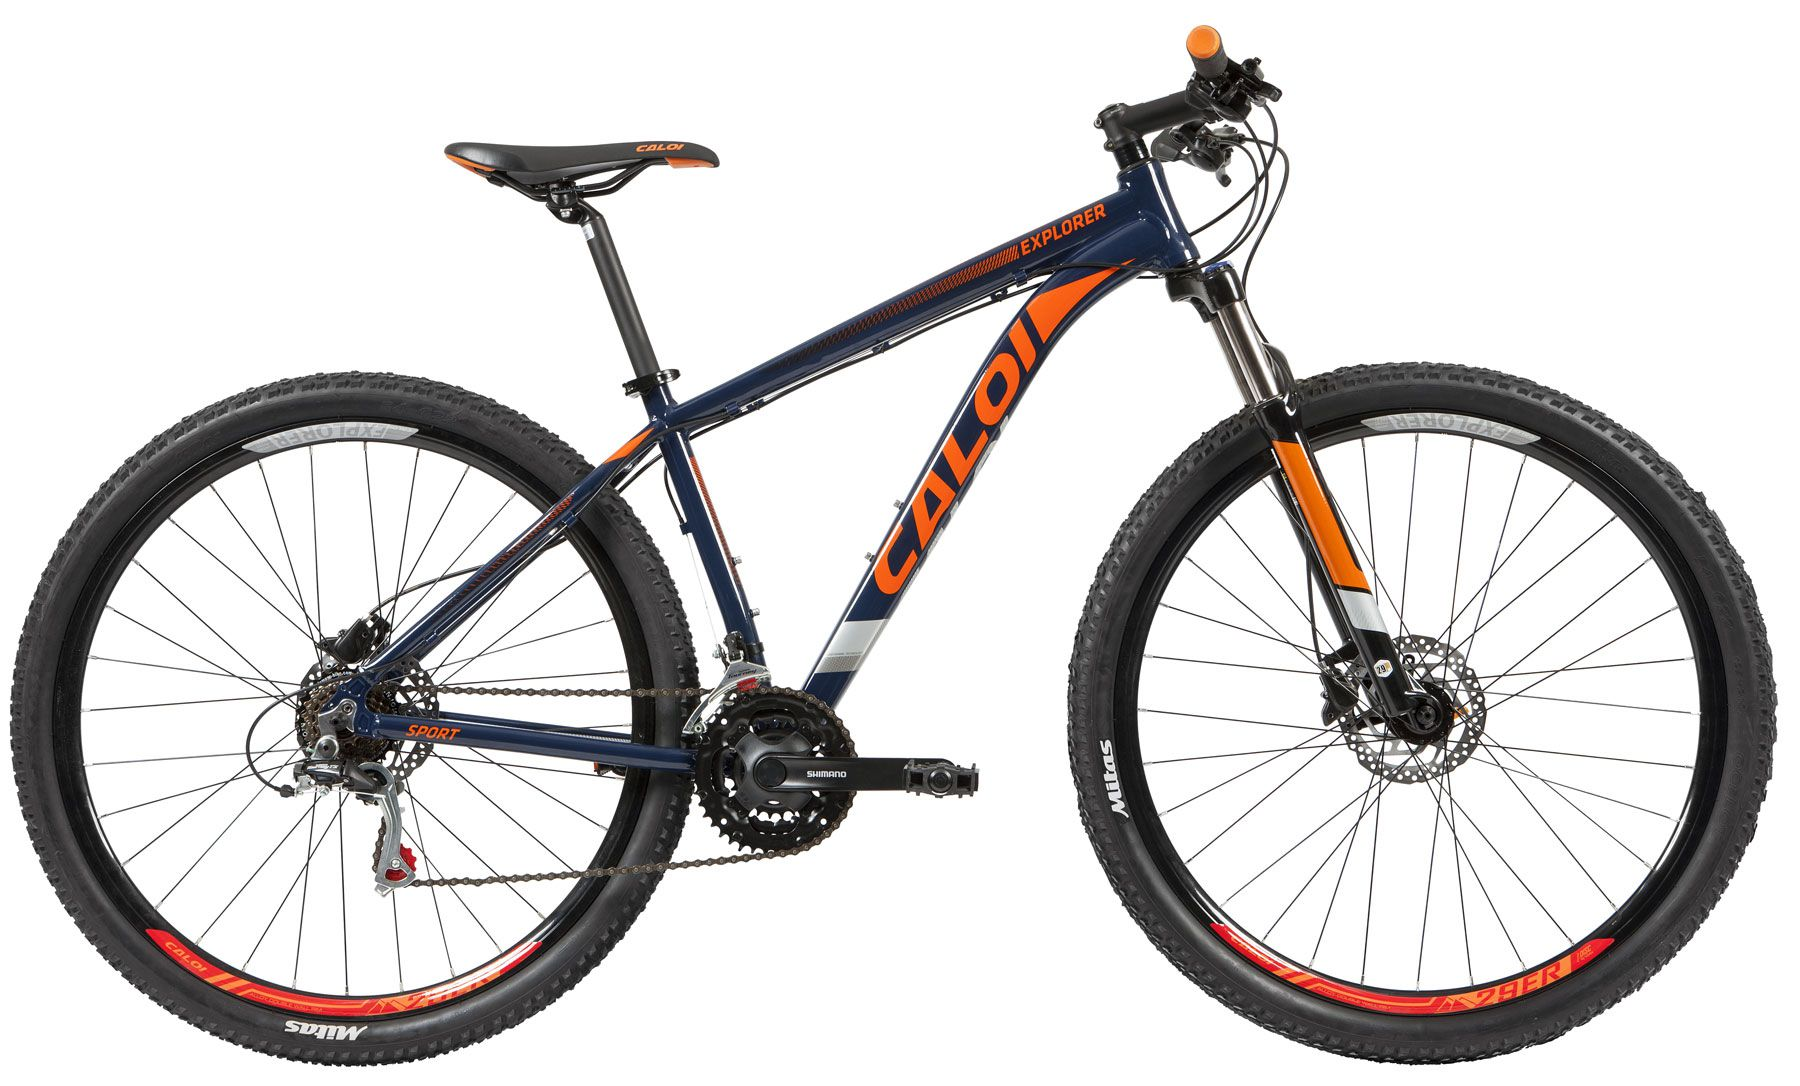 Bicicleta CALOI Explorer Sport aro 29 2019 - 21V Shimano - Freio Hidráulico